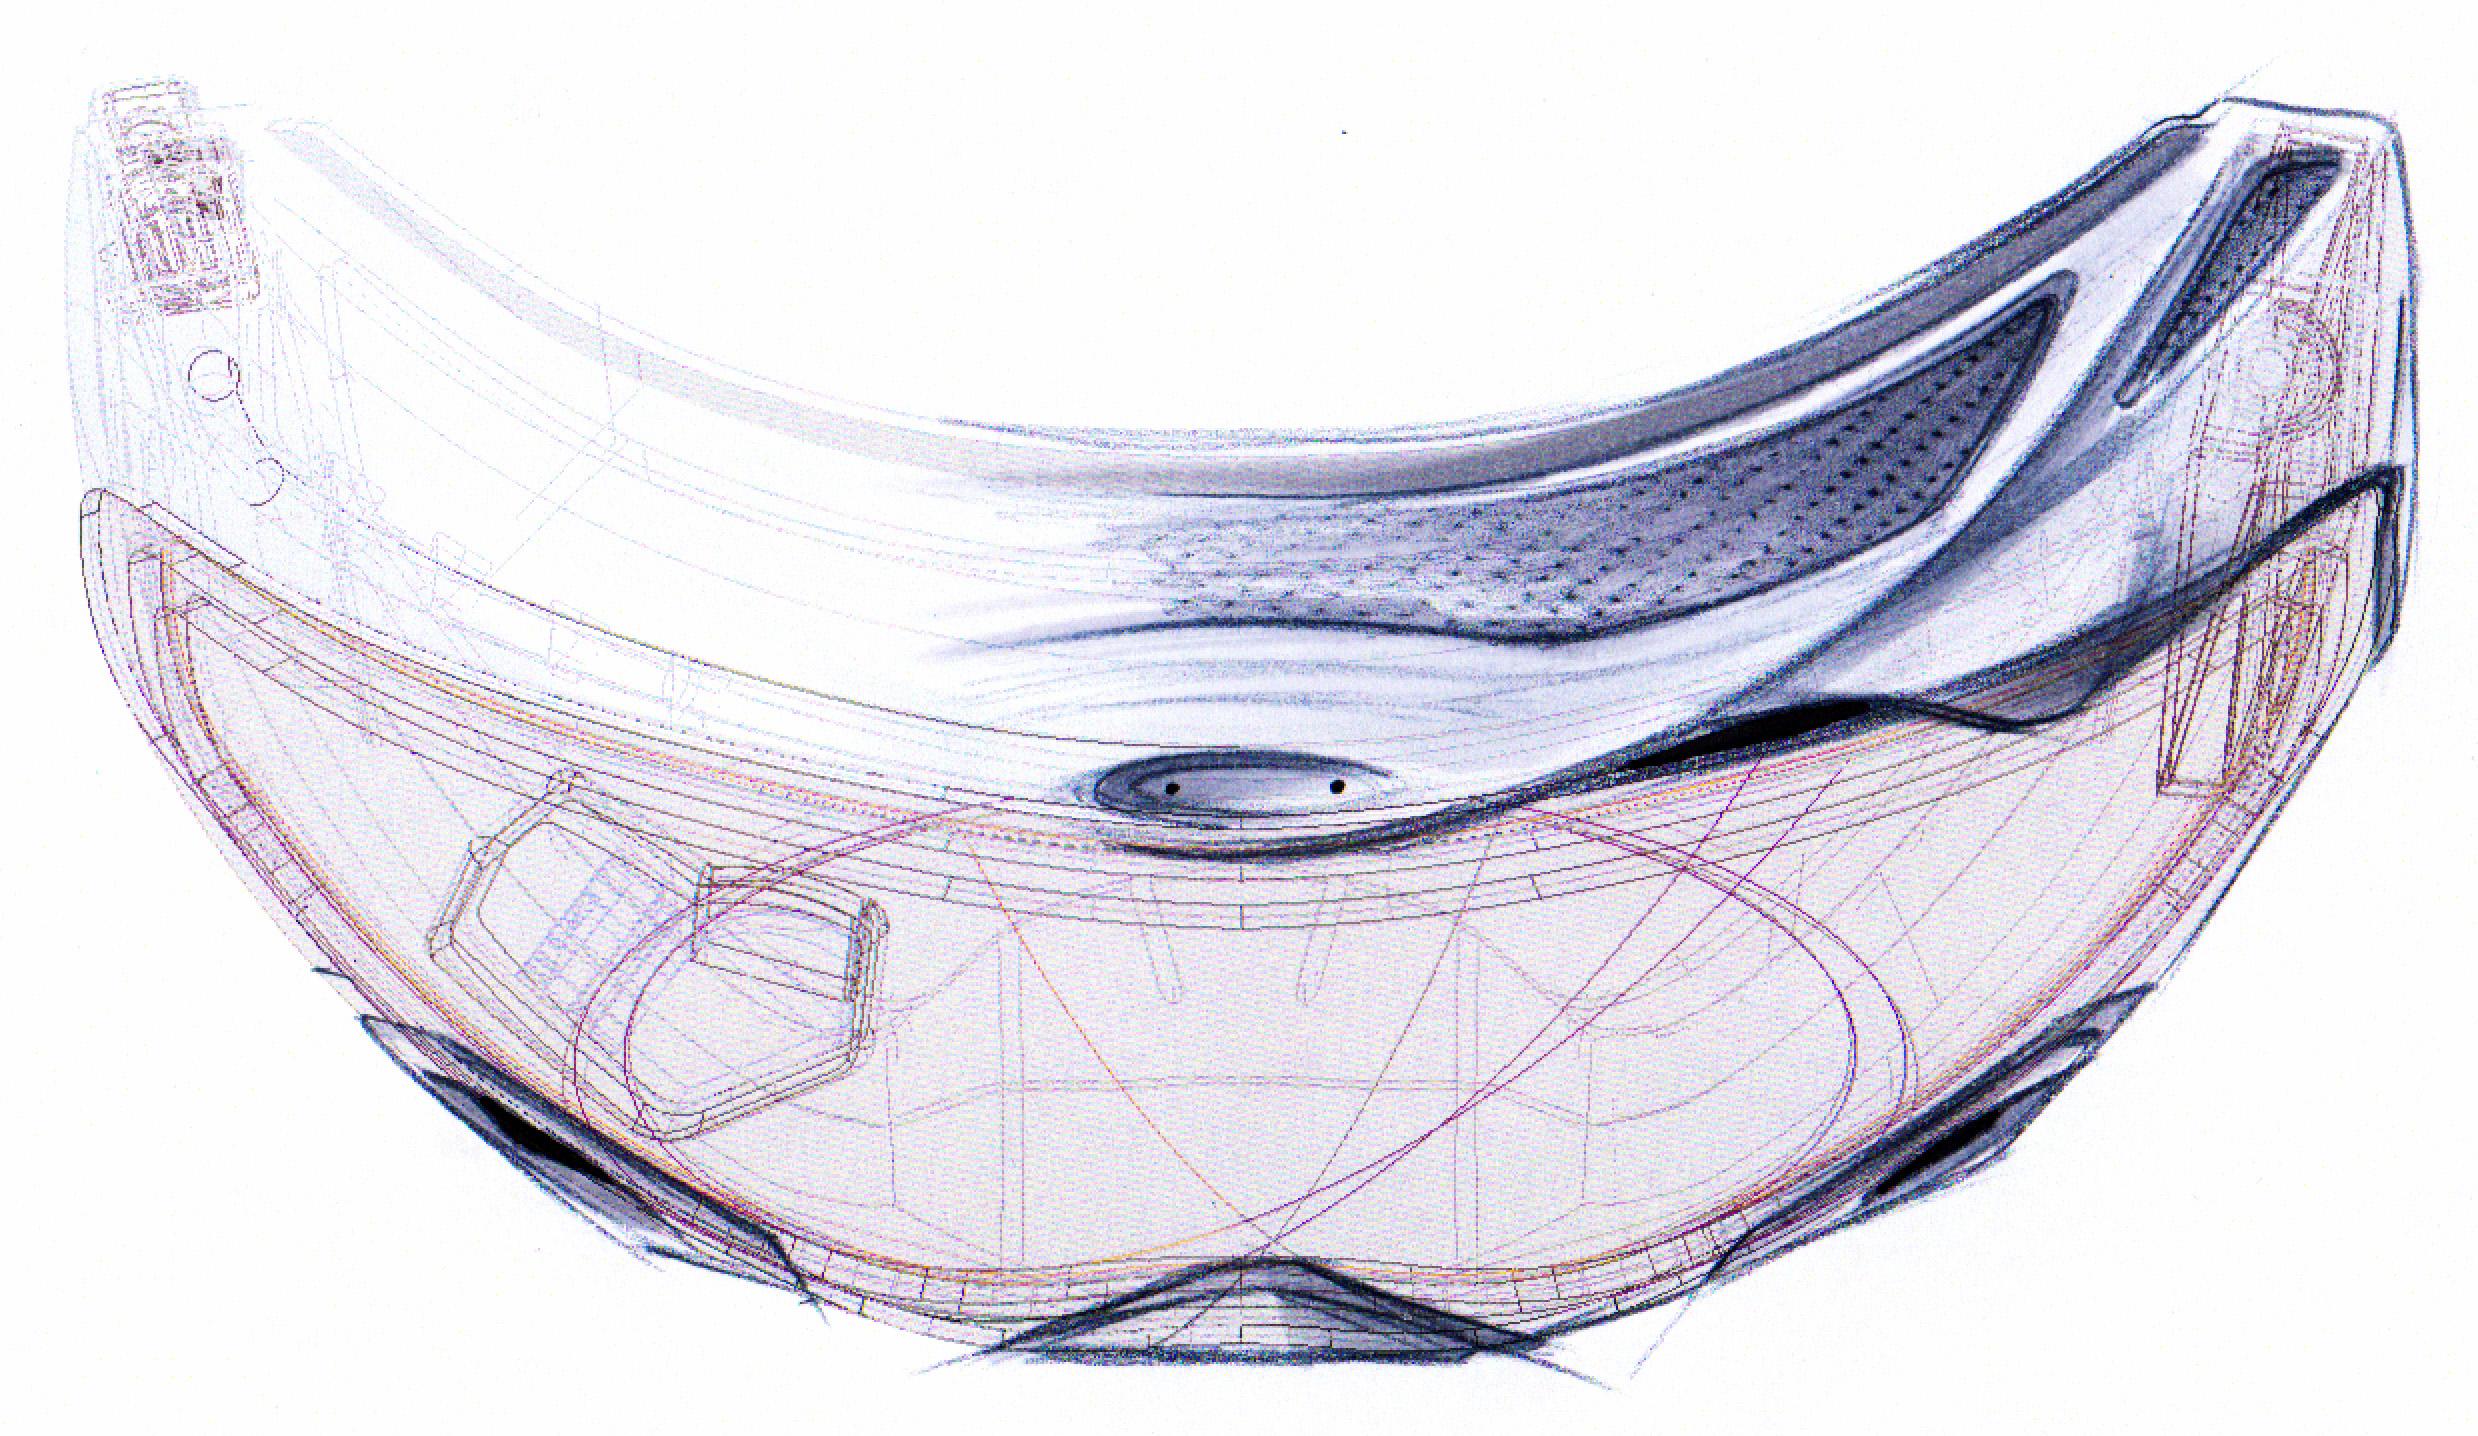 Alpina Sketch Concept 03.jpg